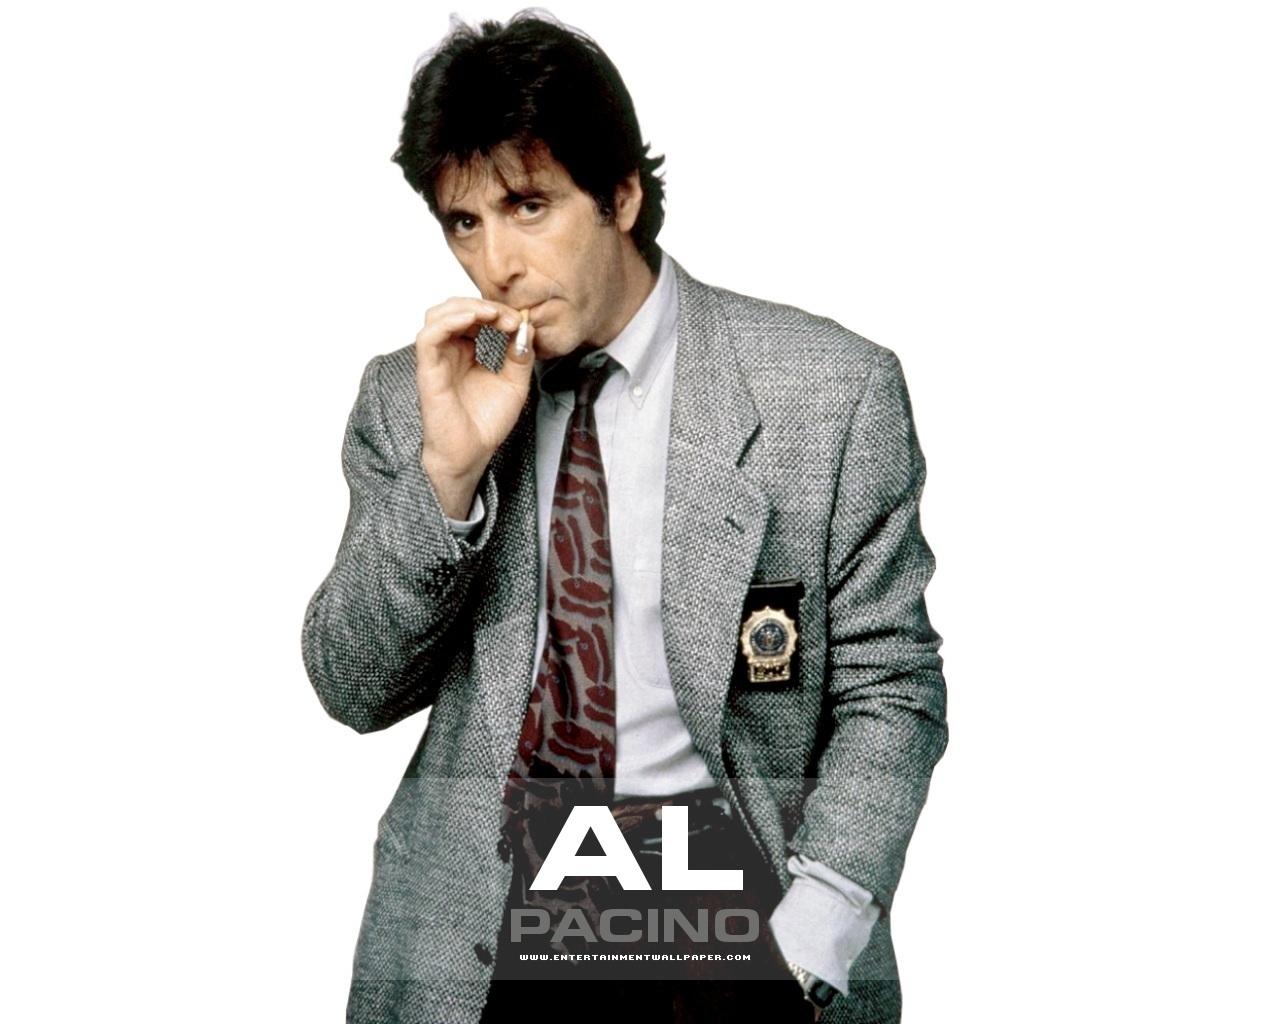 Al Pacino - Al Pacino Wallpaper (2117802) - Fanpop Al Pacino